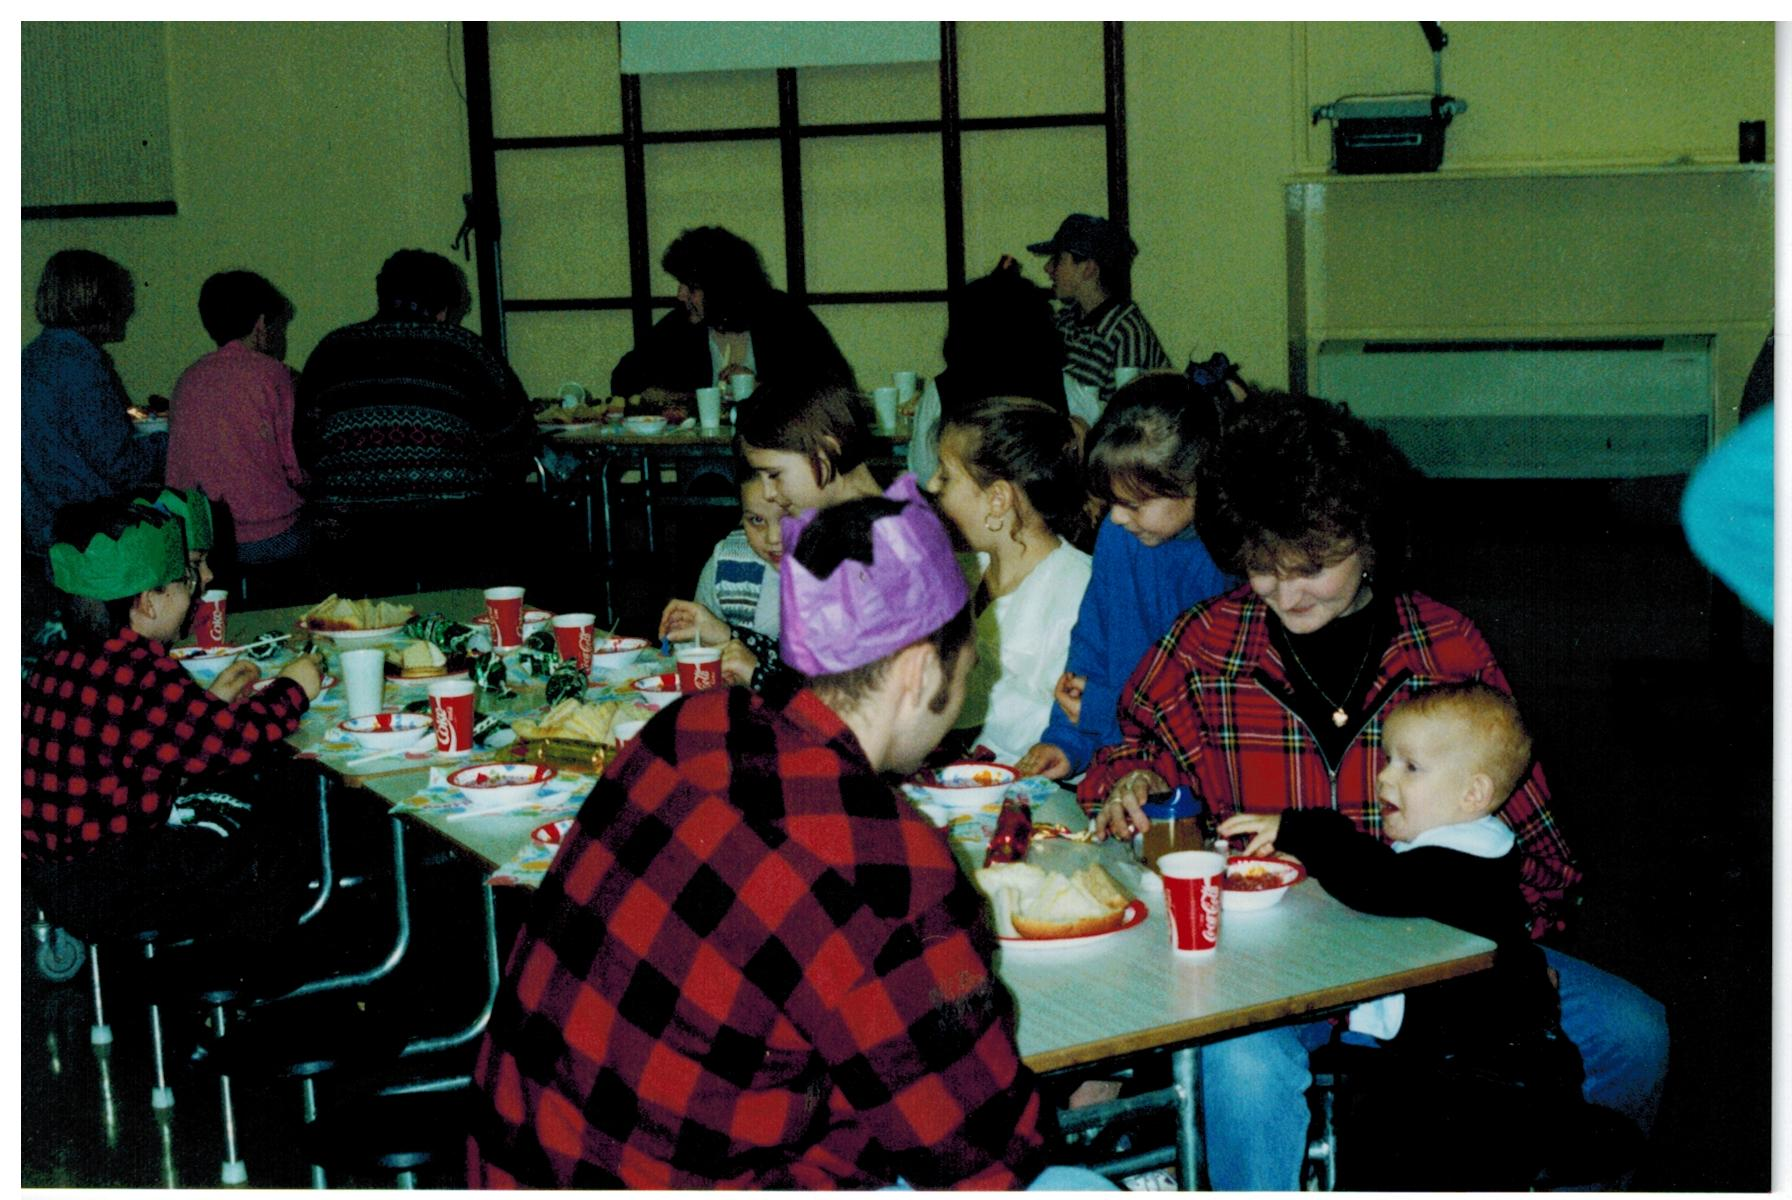 I030_Xmas-Party-1995